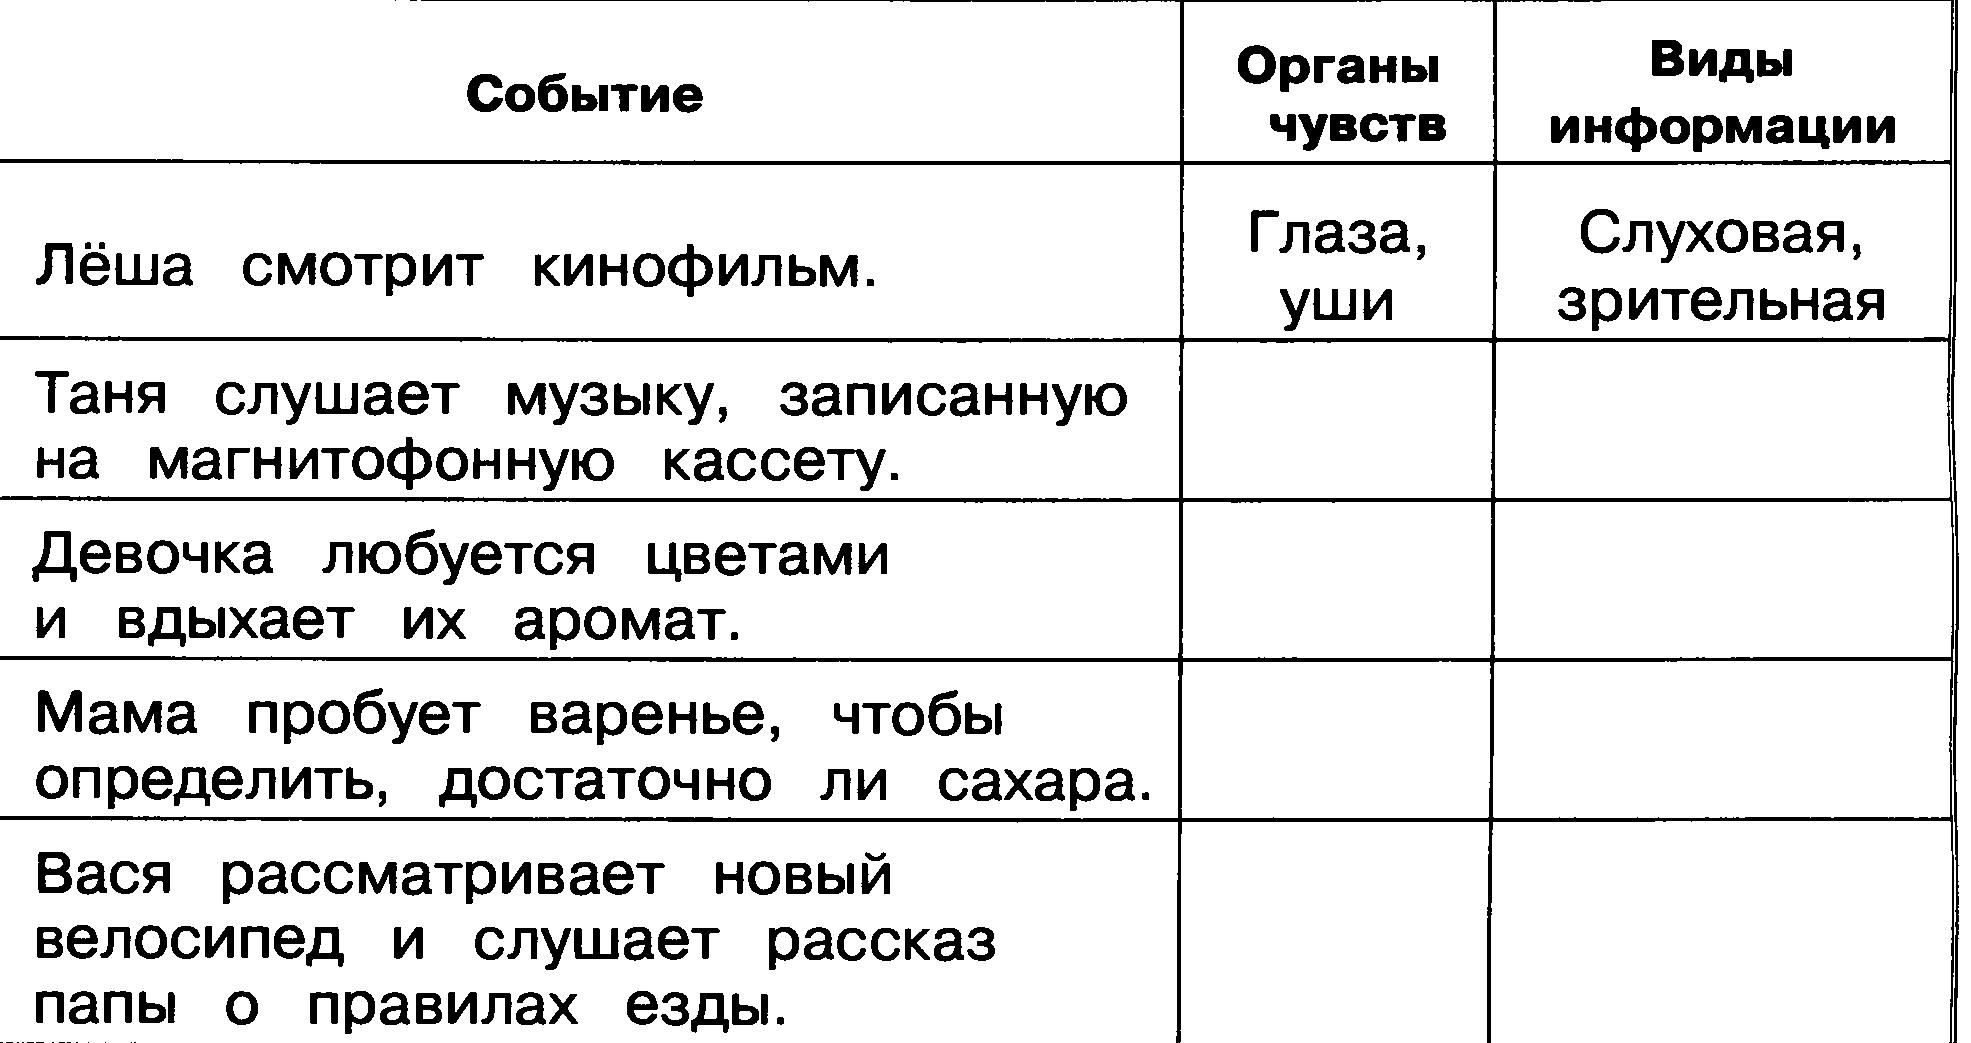 Информатика 4 класс контрольная работа по теме модели в информатике заработать моделью в москве